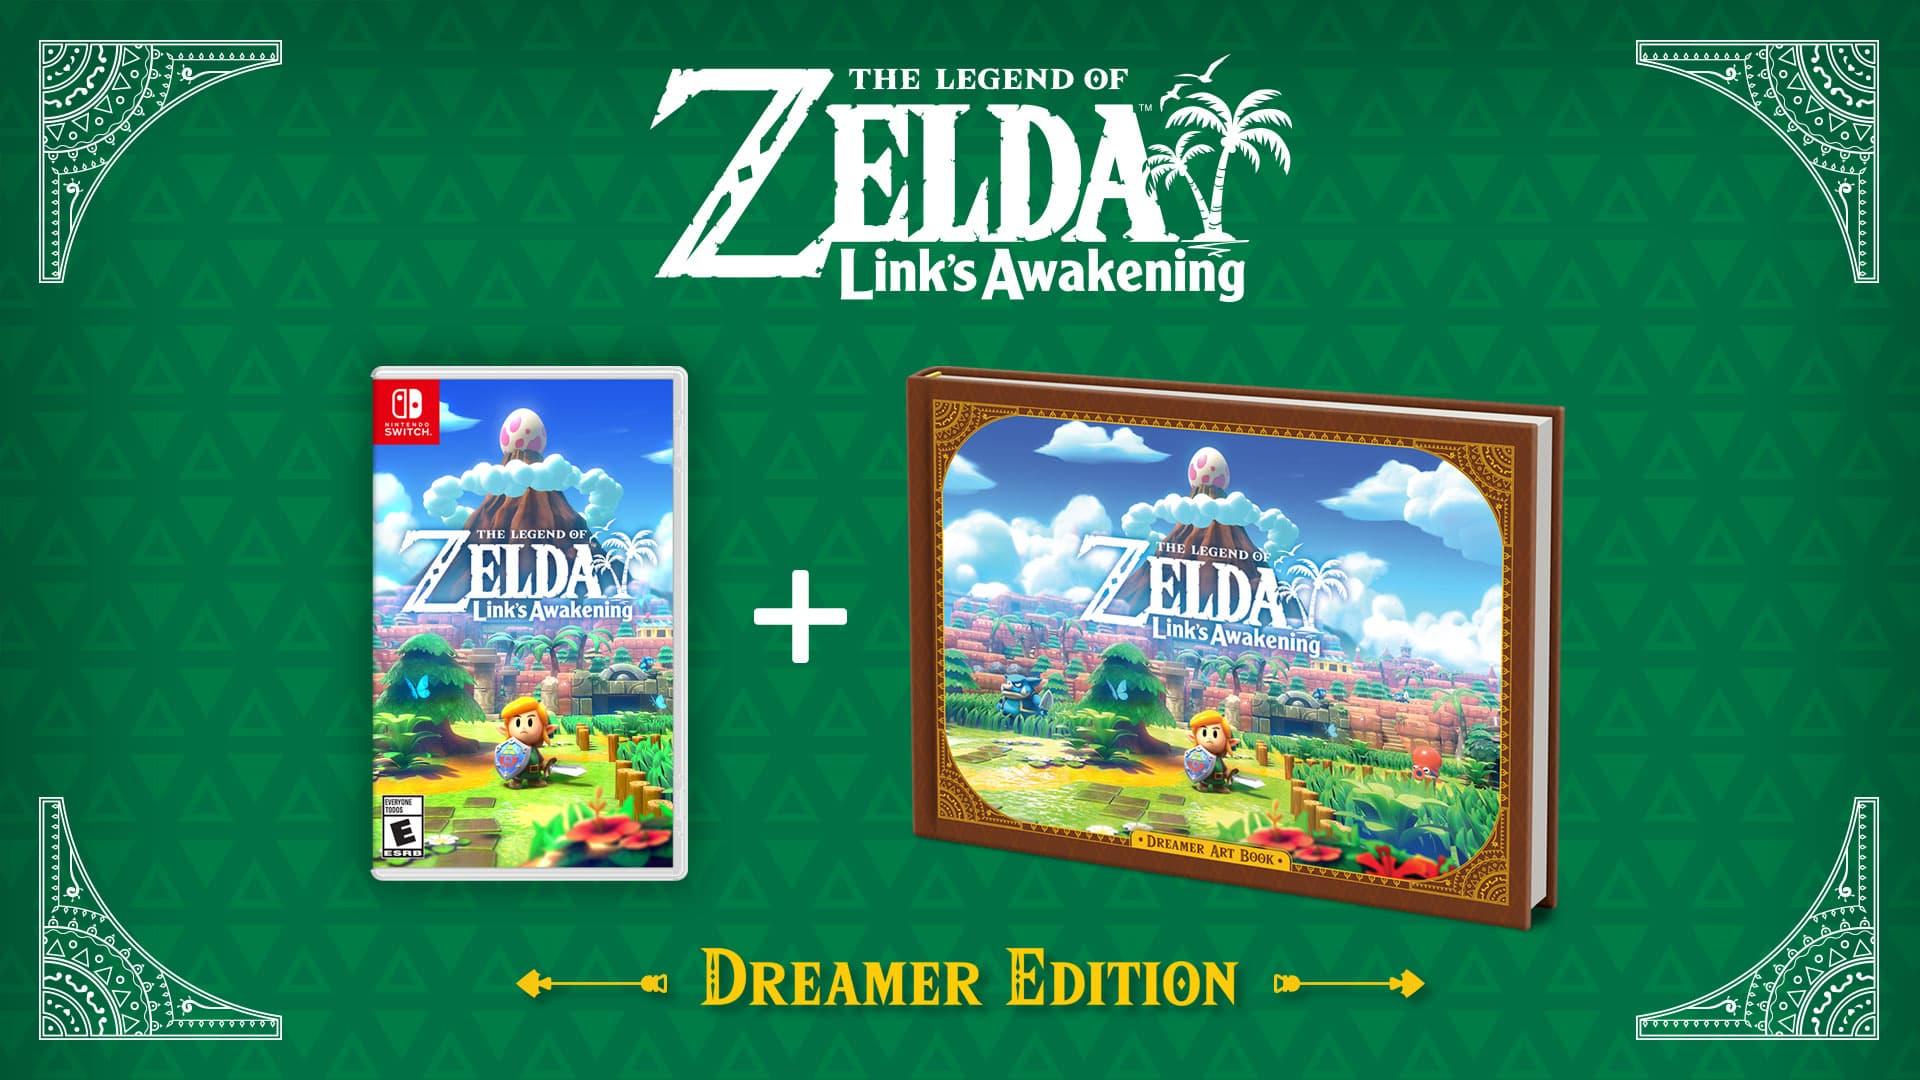 Dreamer Edition Bundle Announced For Links Awakening On Nintendo